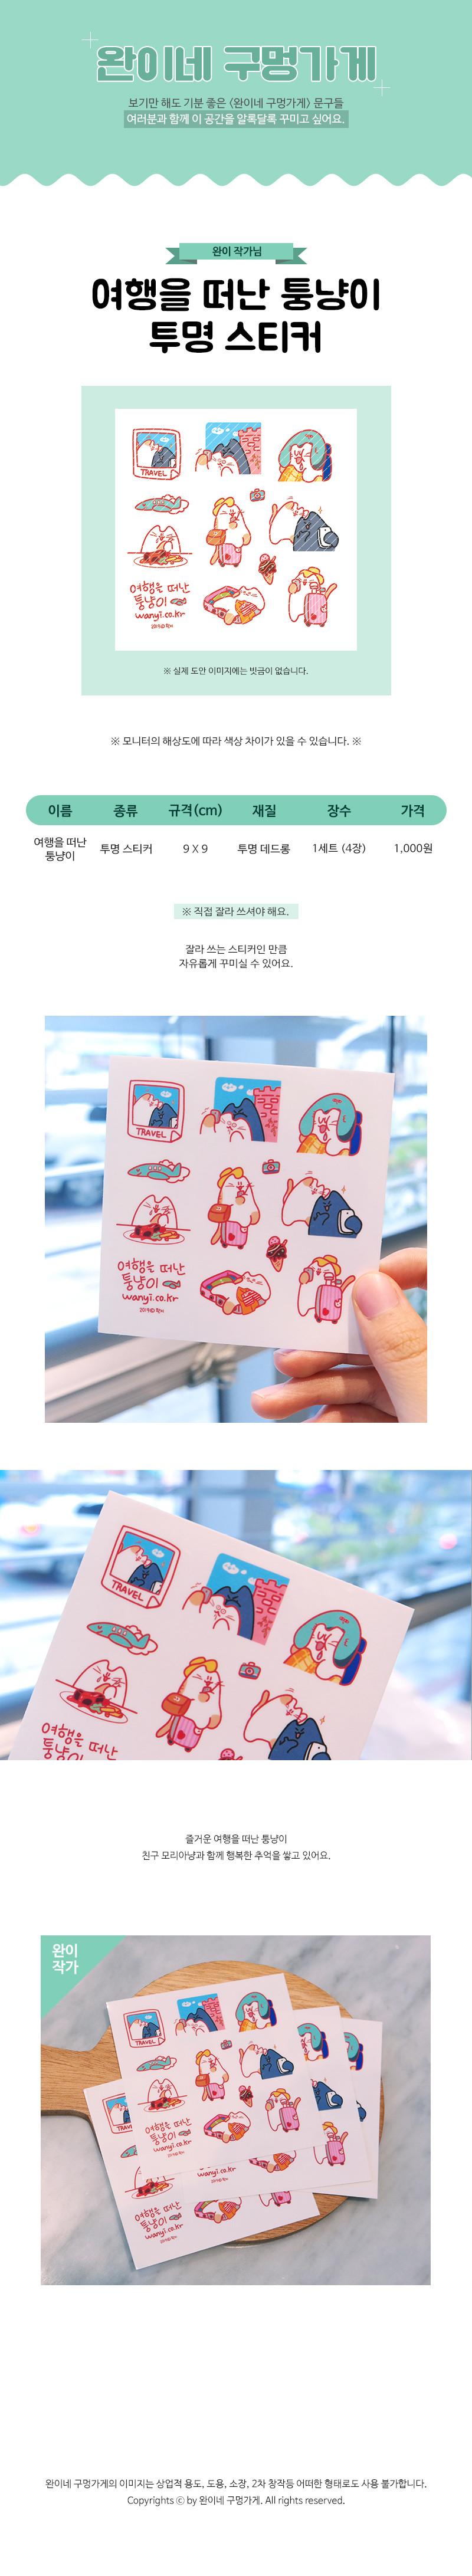 sticker341